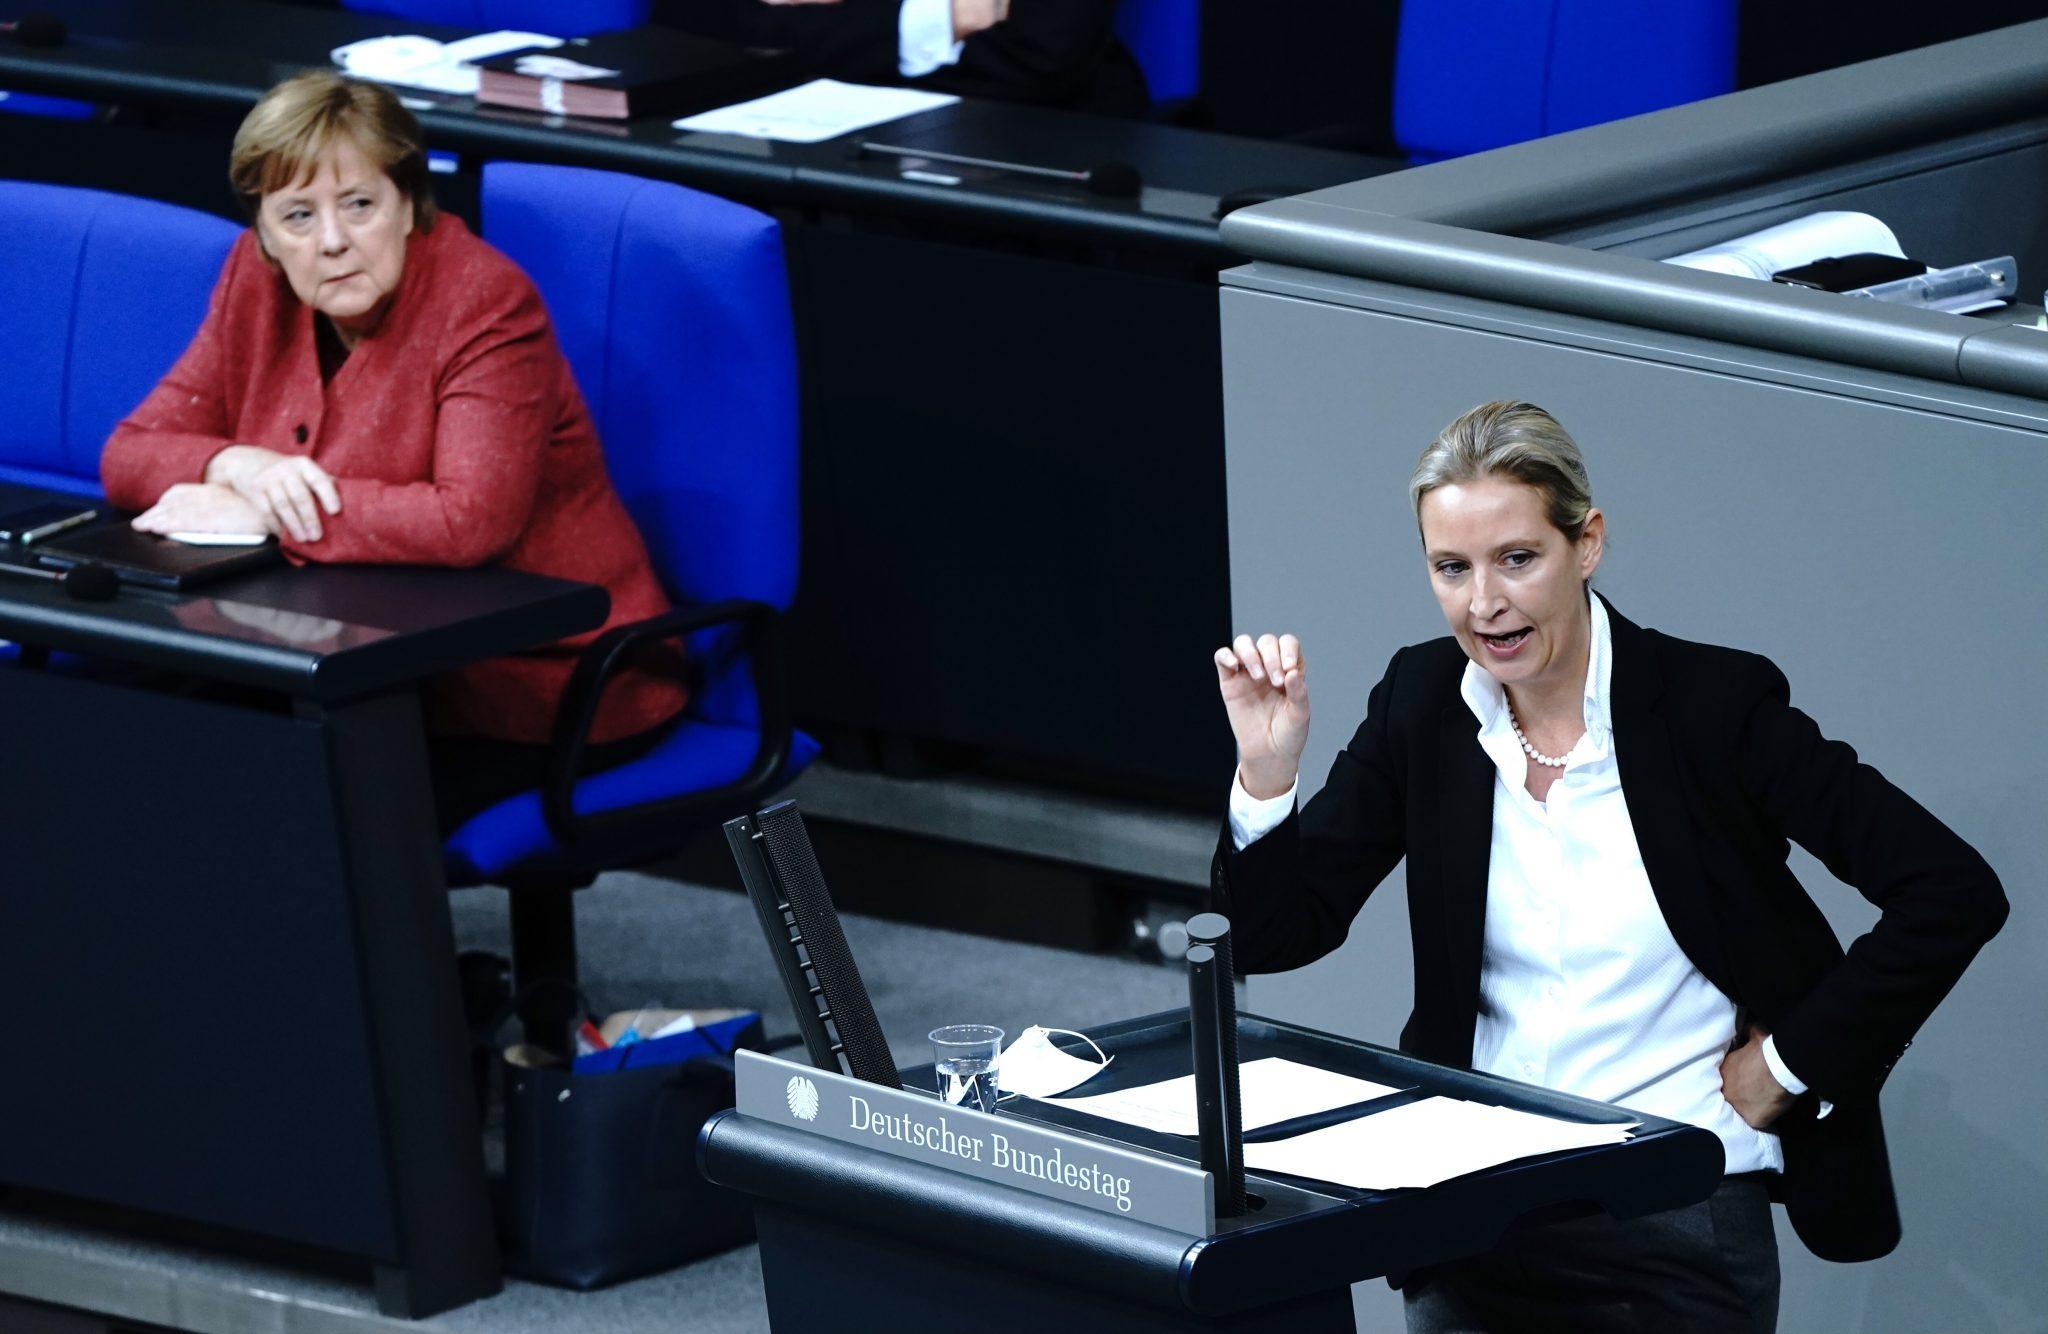 Die AfD-Fraktionsvorsitzende Alice Weidel (r.) attackierte Bundeskanzlerin Angela Merkel (CDU) (l.) in ihrer Rede Foto: picture alliance/dpa | Kay Nietfeld